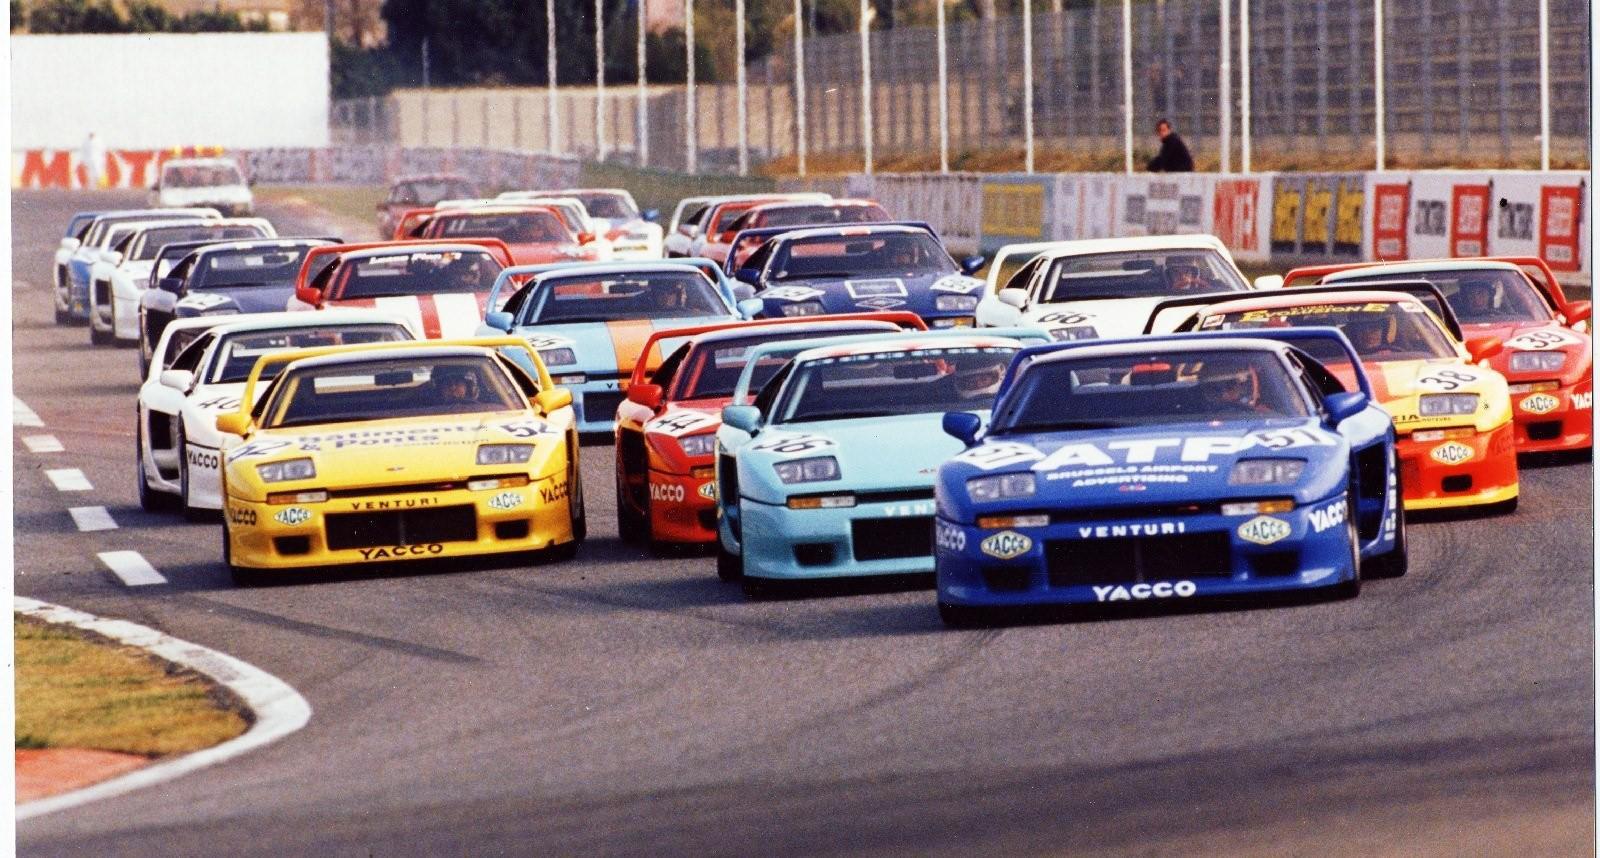 voitures-de-sports-qui-auront-25-ans-aujourd-hui-1269-86.jpg